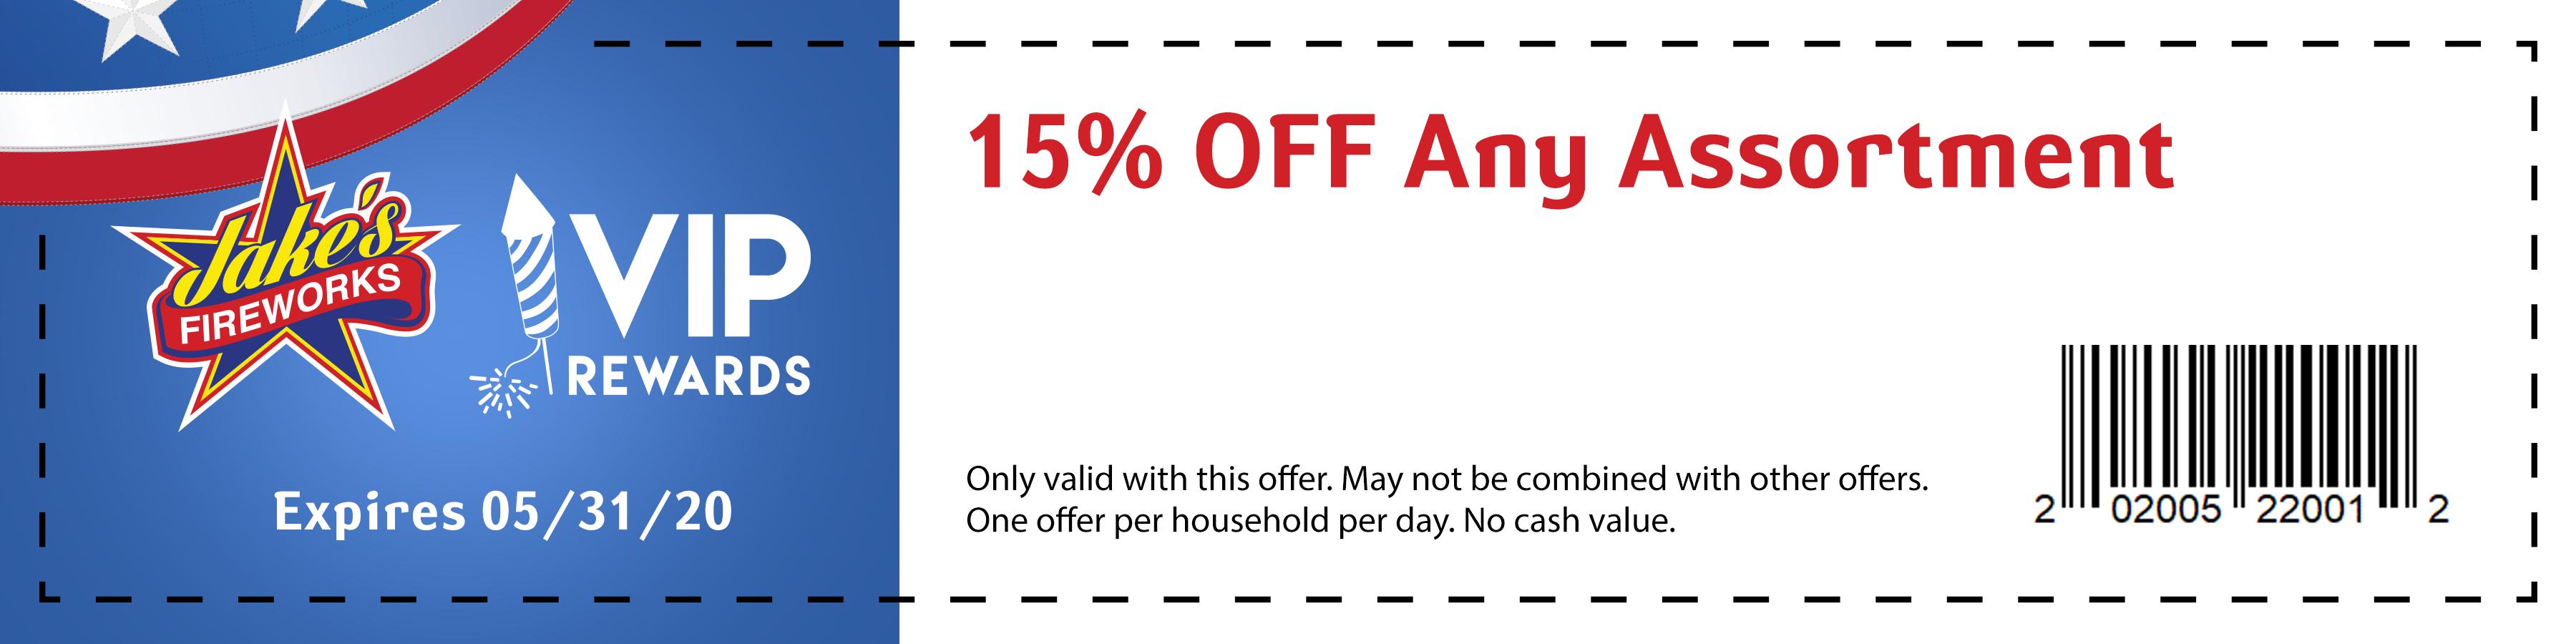 JakesFireworks_coupons2020_15%offanyassortment